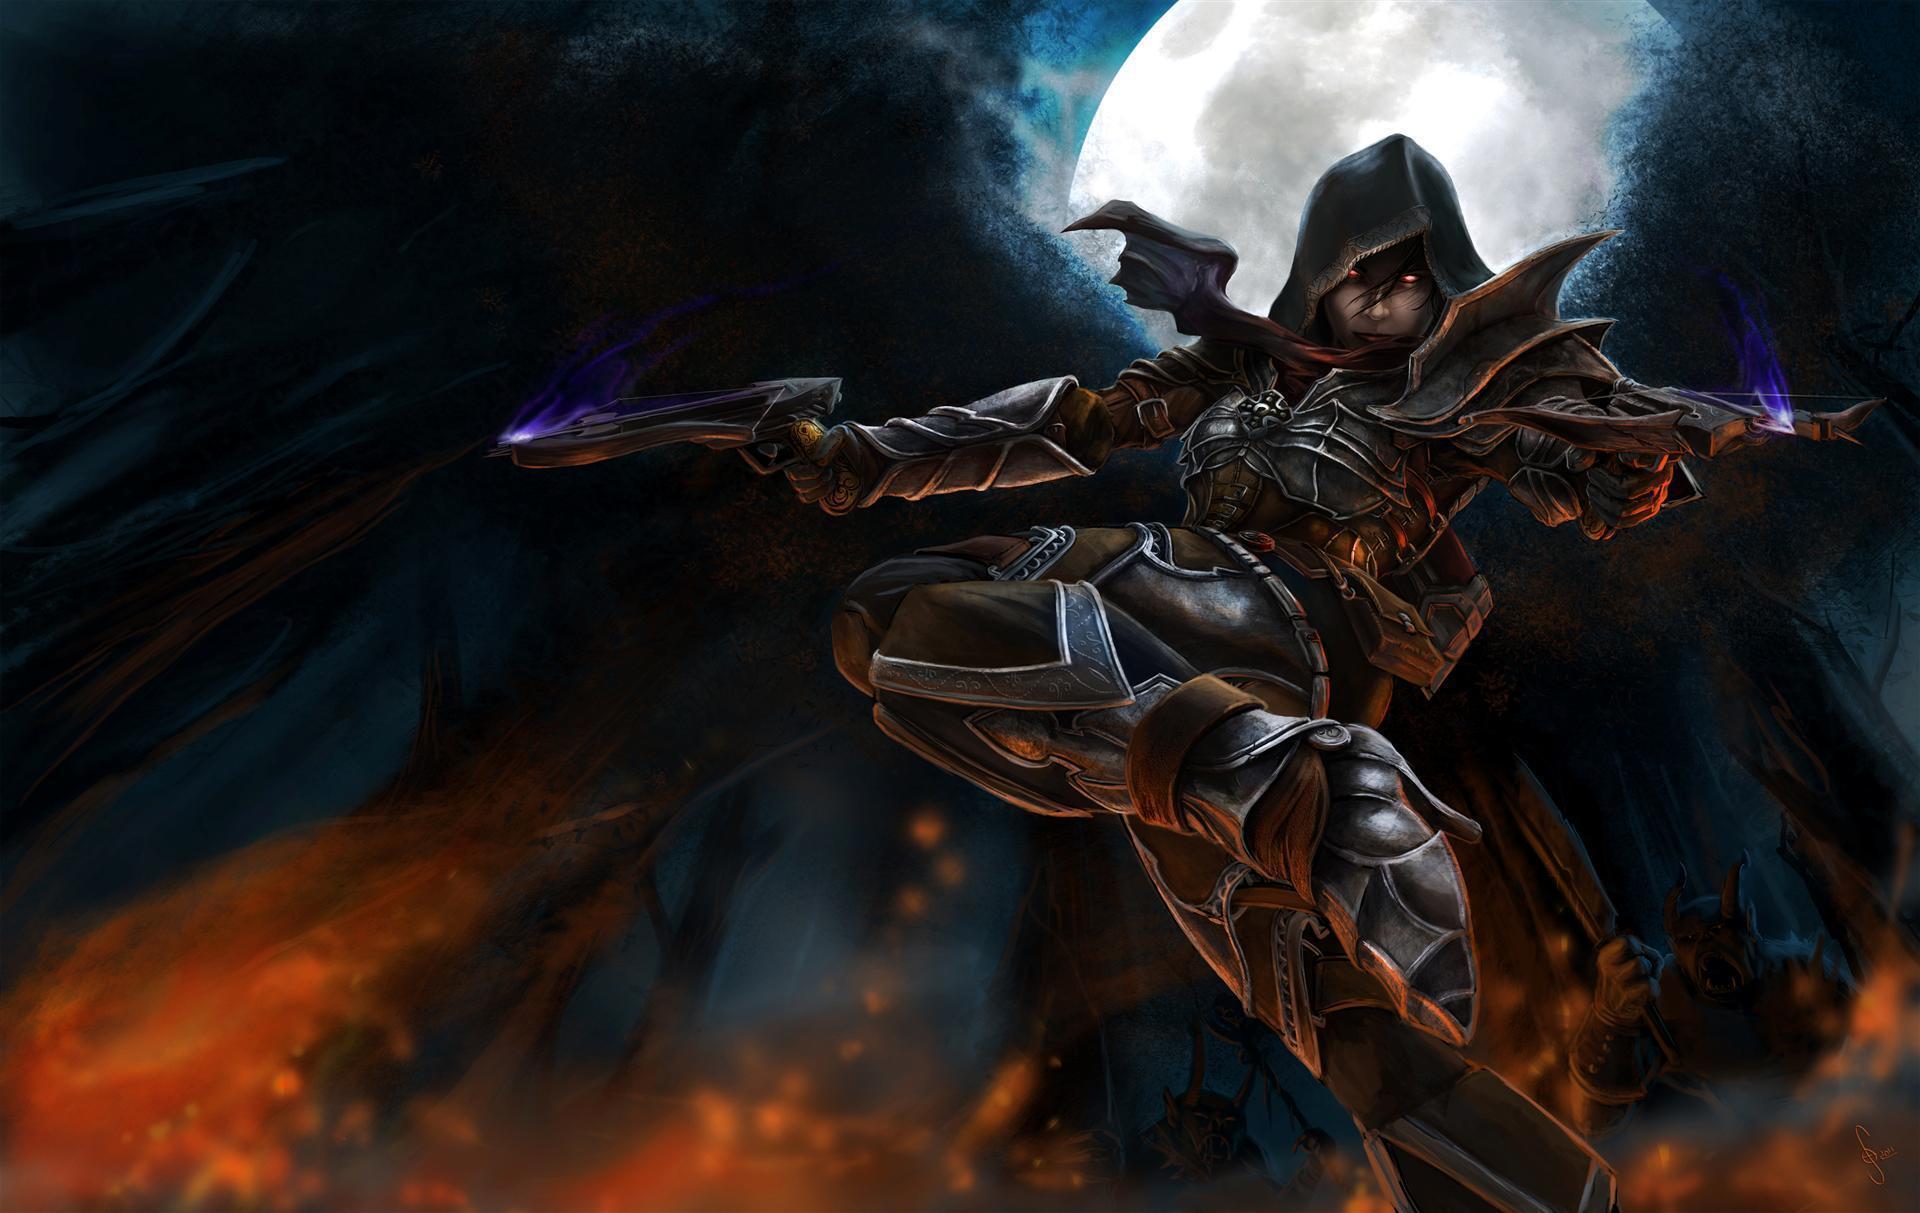 Diablo III HD Wallpapers 14 - 1920 X 1213 | stmed.net